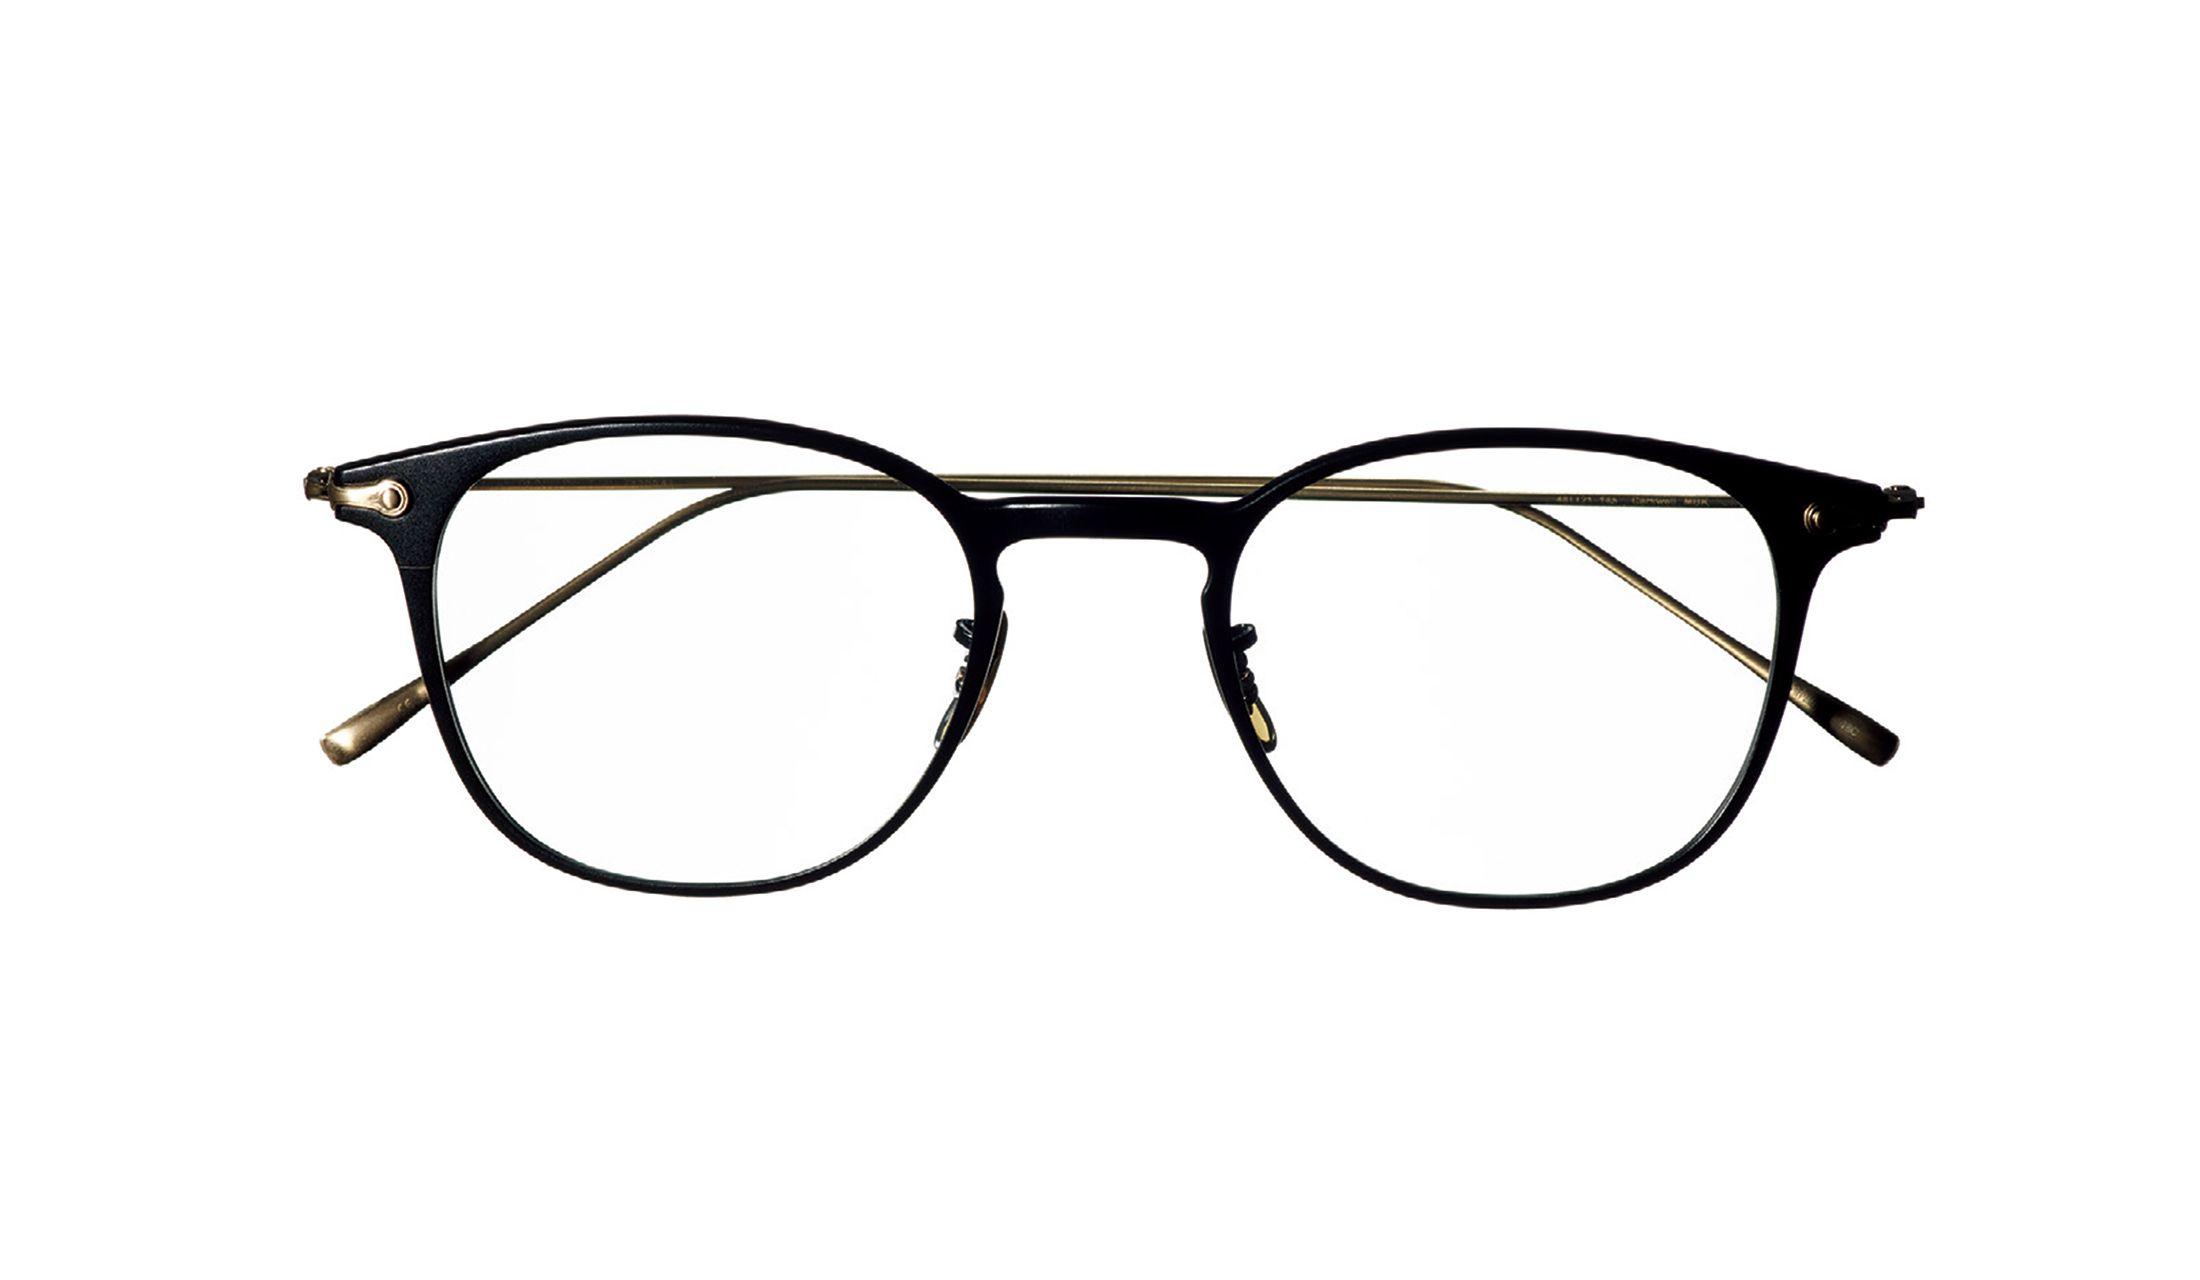 オリバーピープルズの黒フレーム眼鏡